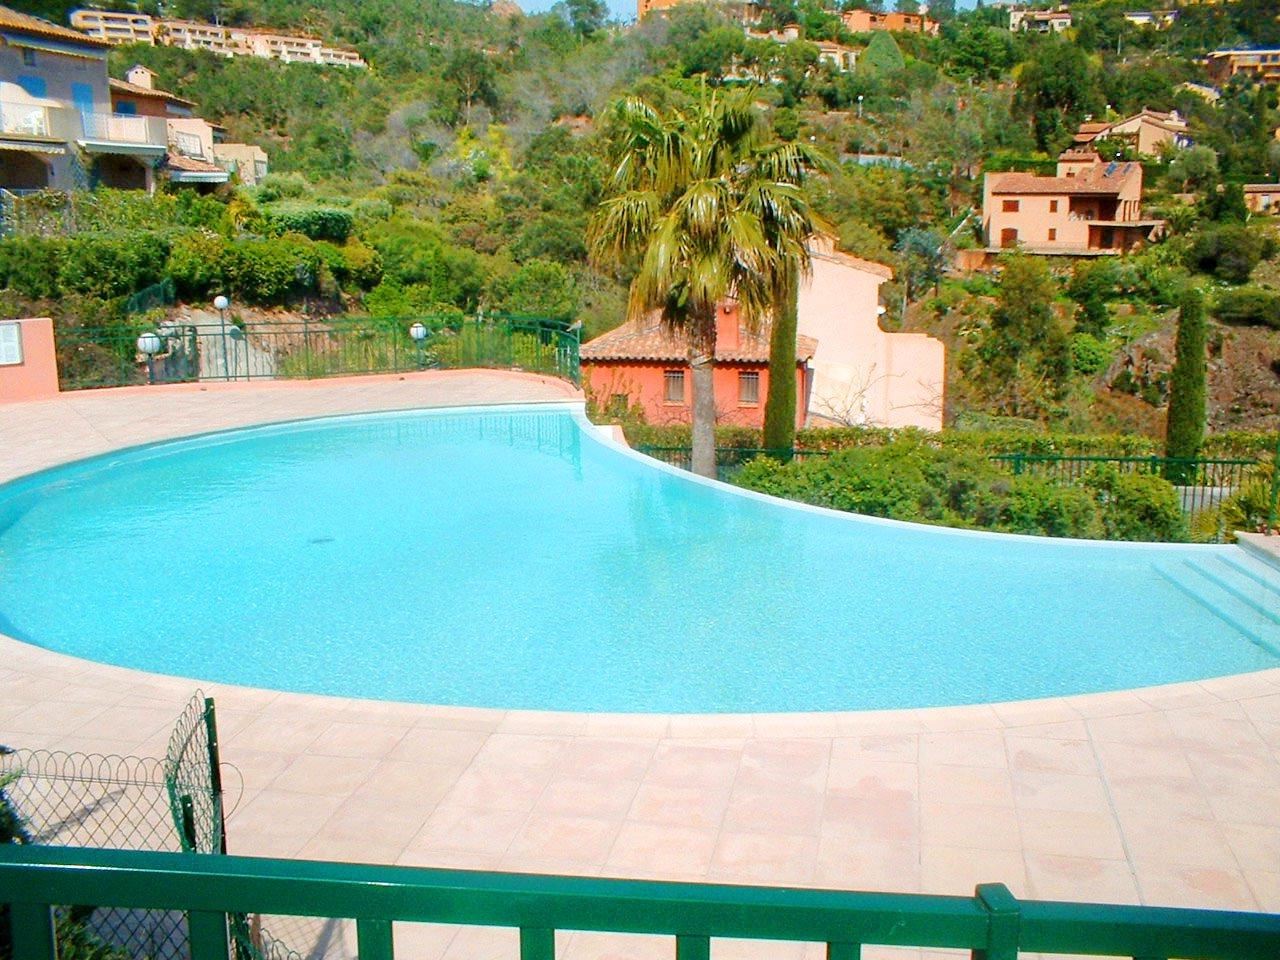 Quartier résidentiel - piscine à débordement - gardien